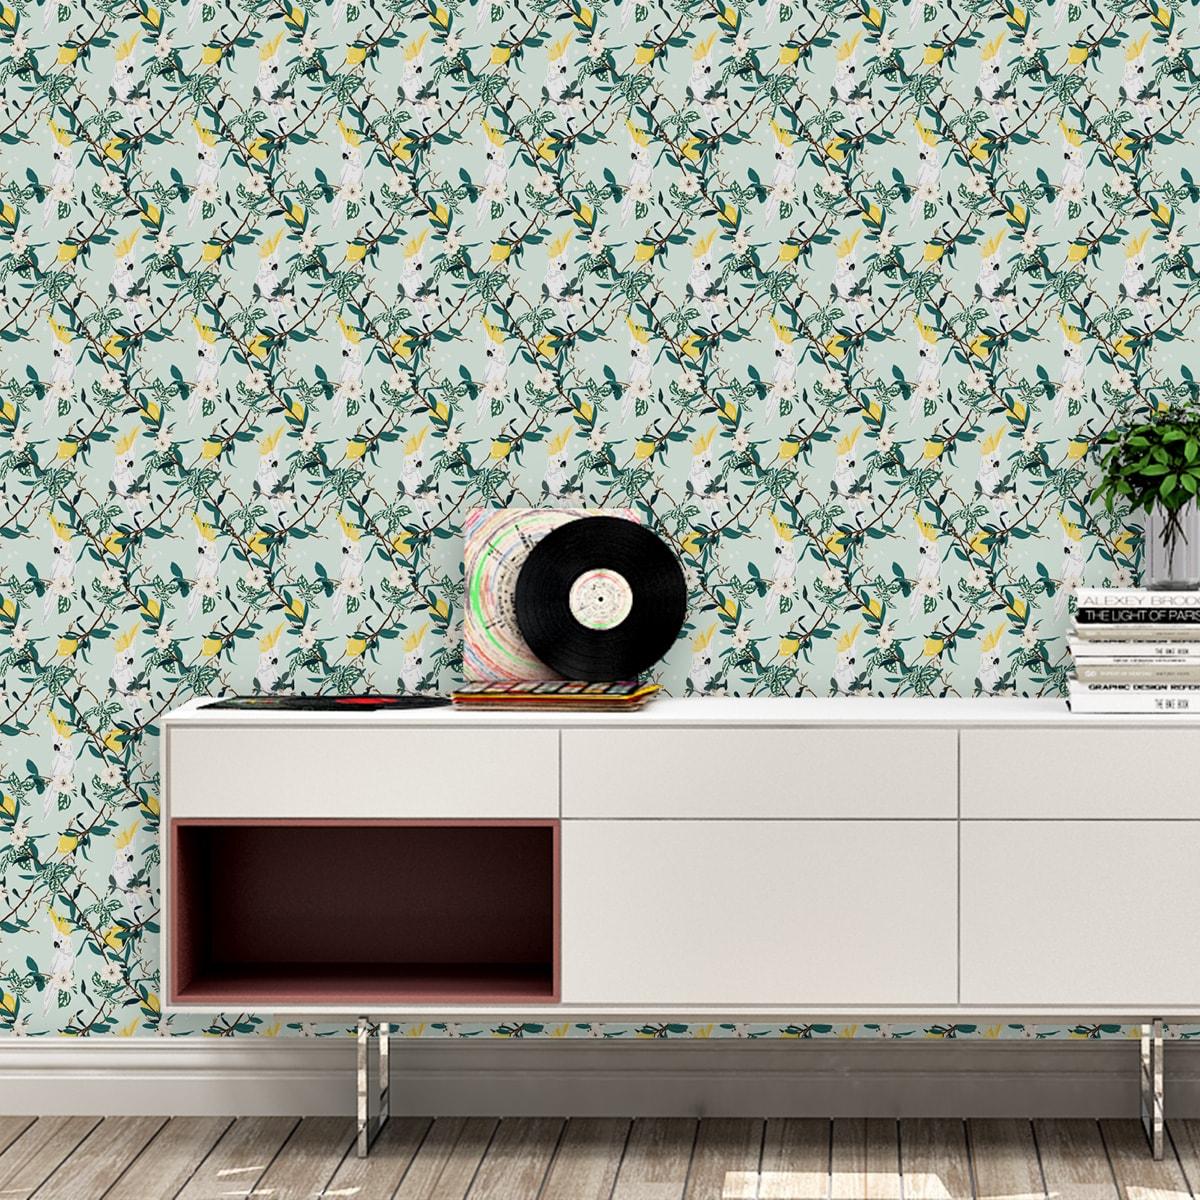 grün: Multicolor Swing Querstreifentapete passend zu Ikea aus der Tapeten Dasign Familie: 00008 als Naturaltouch Luxus Vliestapete oder Basic Vliestapete